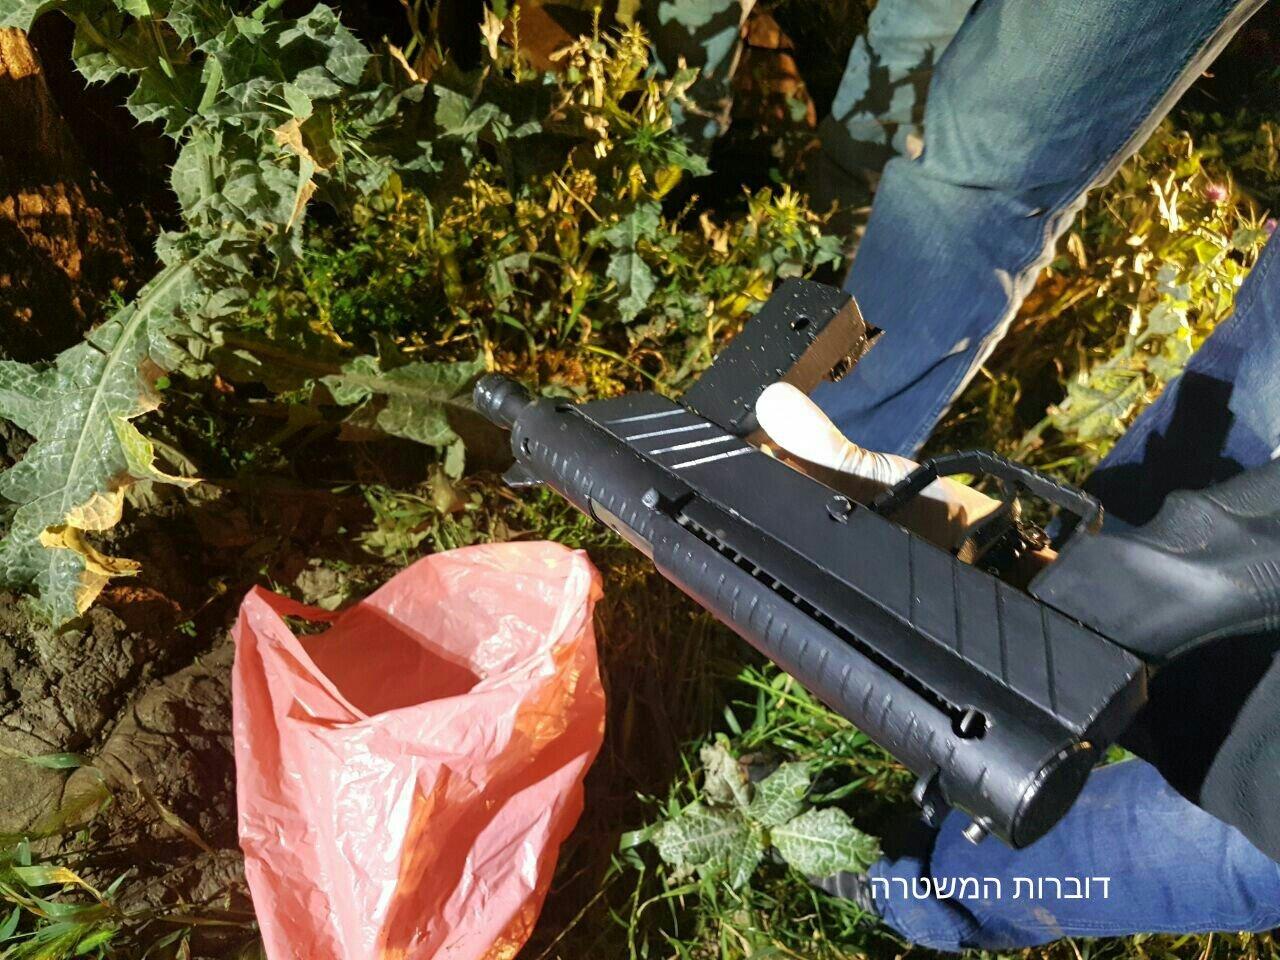 الشمال: الشرطة تضبط 32 بندقية و35 مسدسًا و17 عبوة ناسفة وغيرها في بلدات عربية